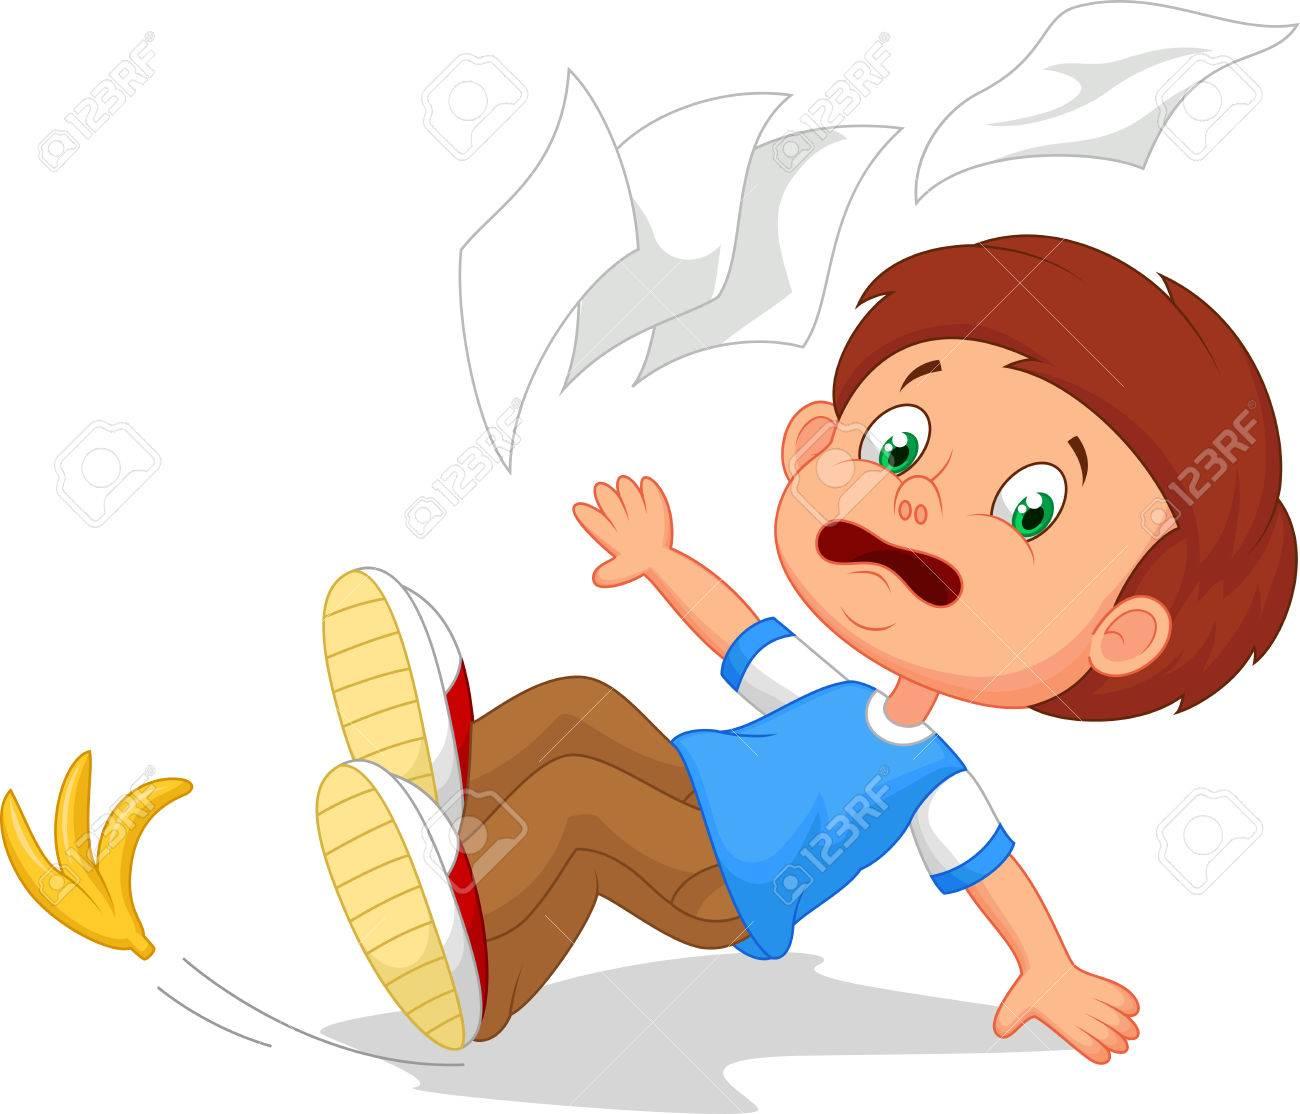 Cartoon boy fall down - 27166386